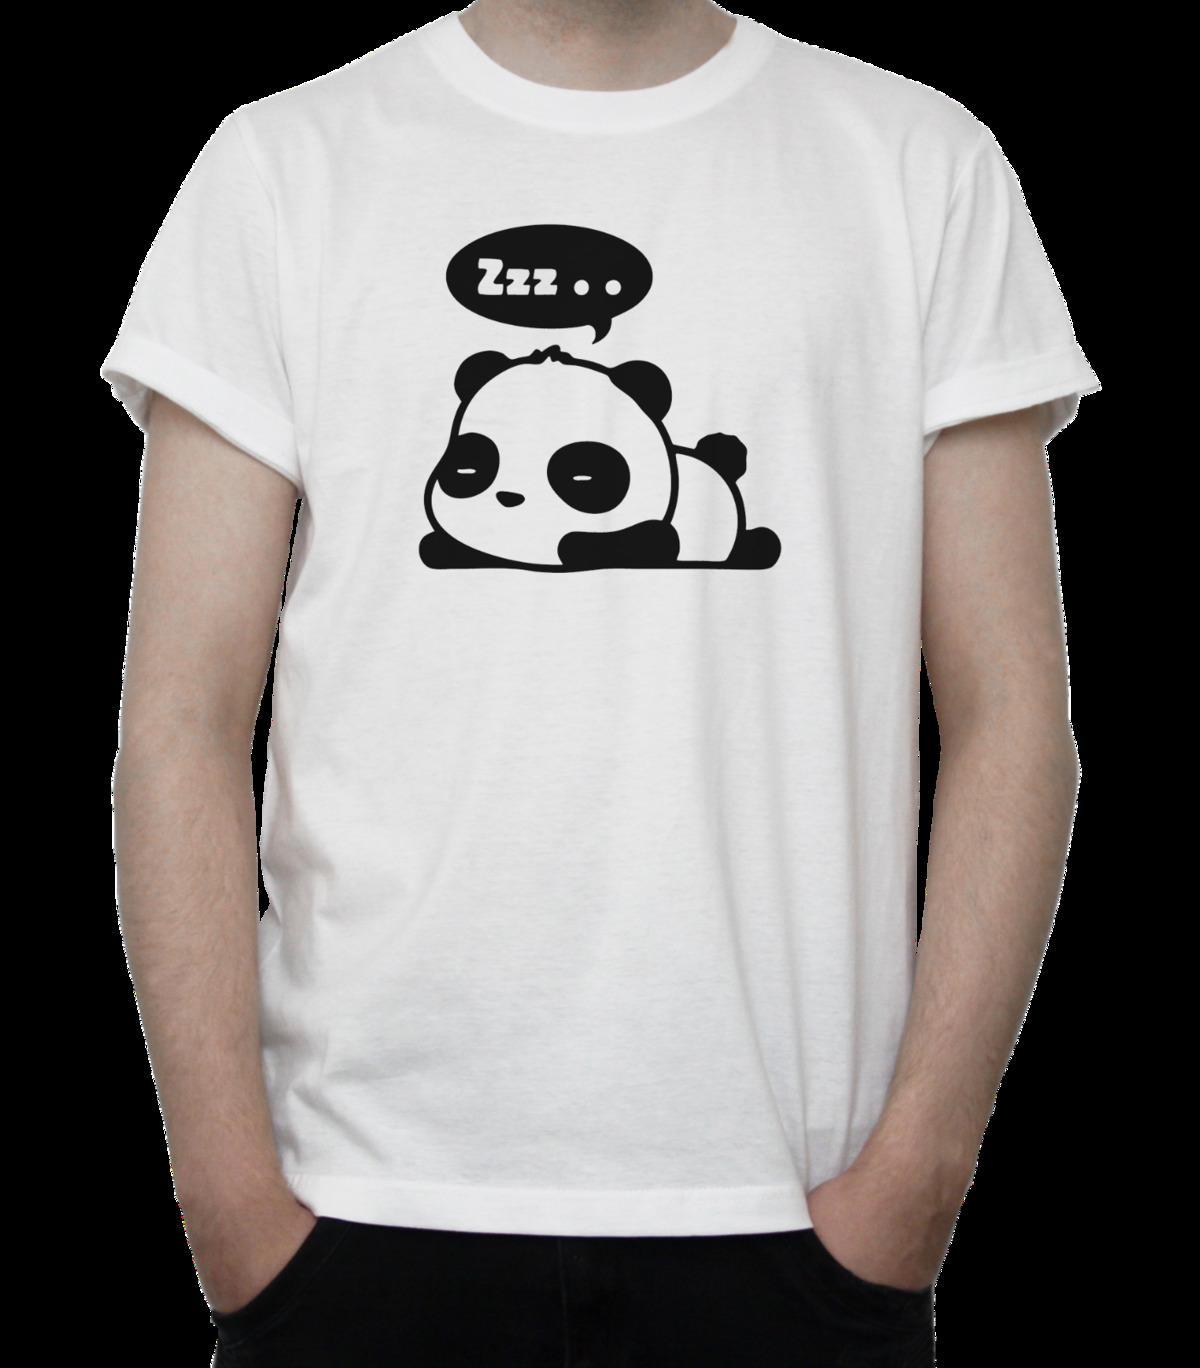 Shirt Ours Cub Bw Sommeil T Panda Cute Dessin Kawaii Anime